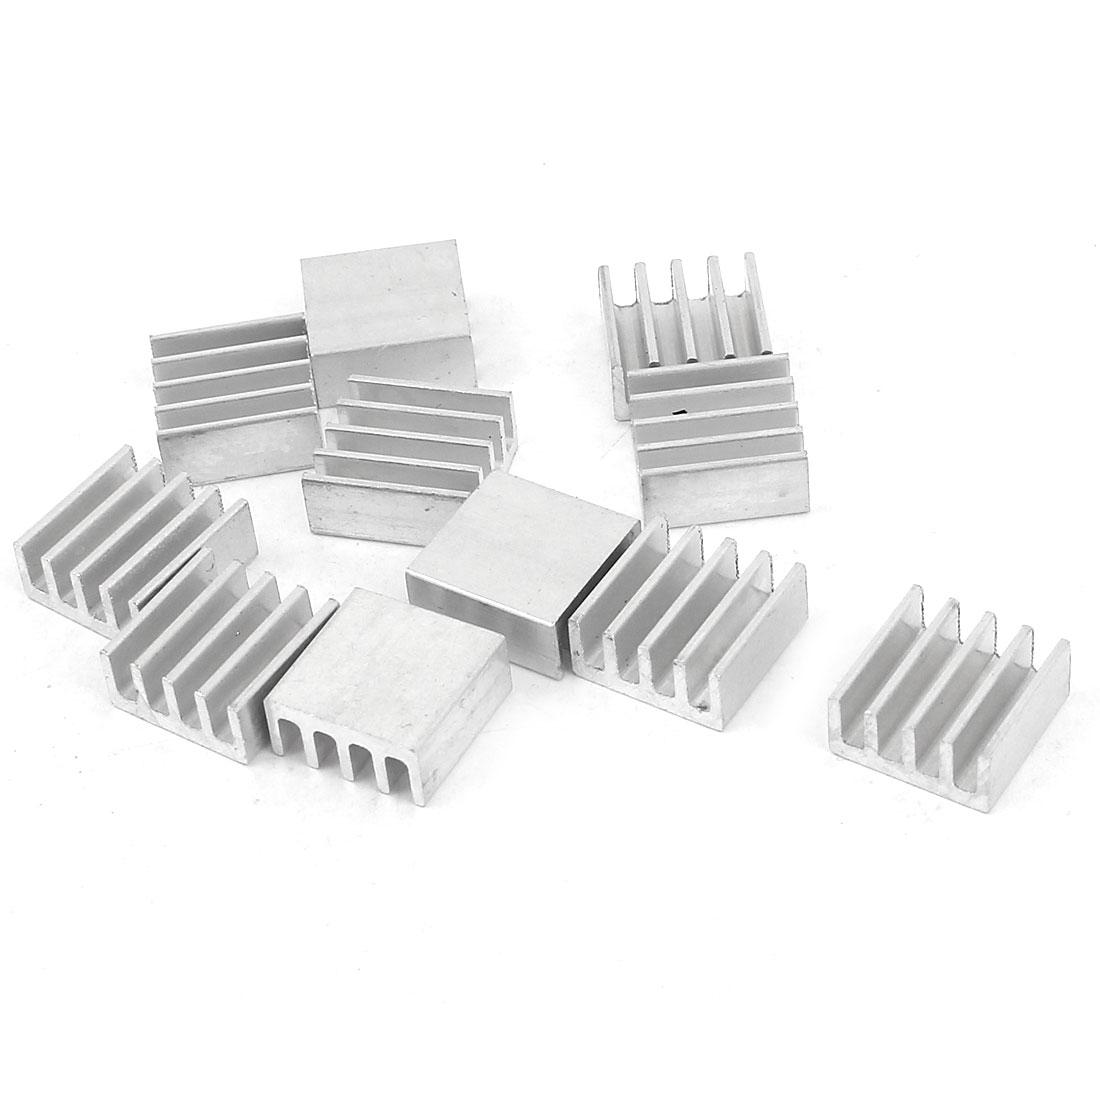 20 Pcs Silver Tone Aluminum Heat Sink Heatsink 11mm x 11mm x 5mm